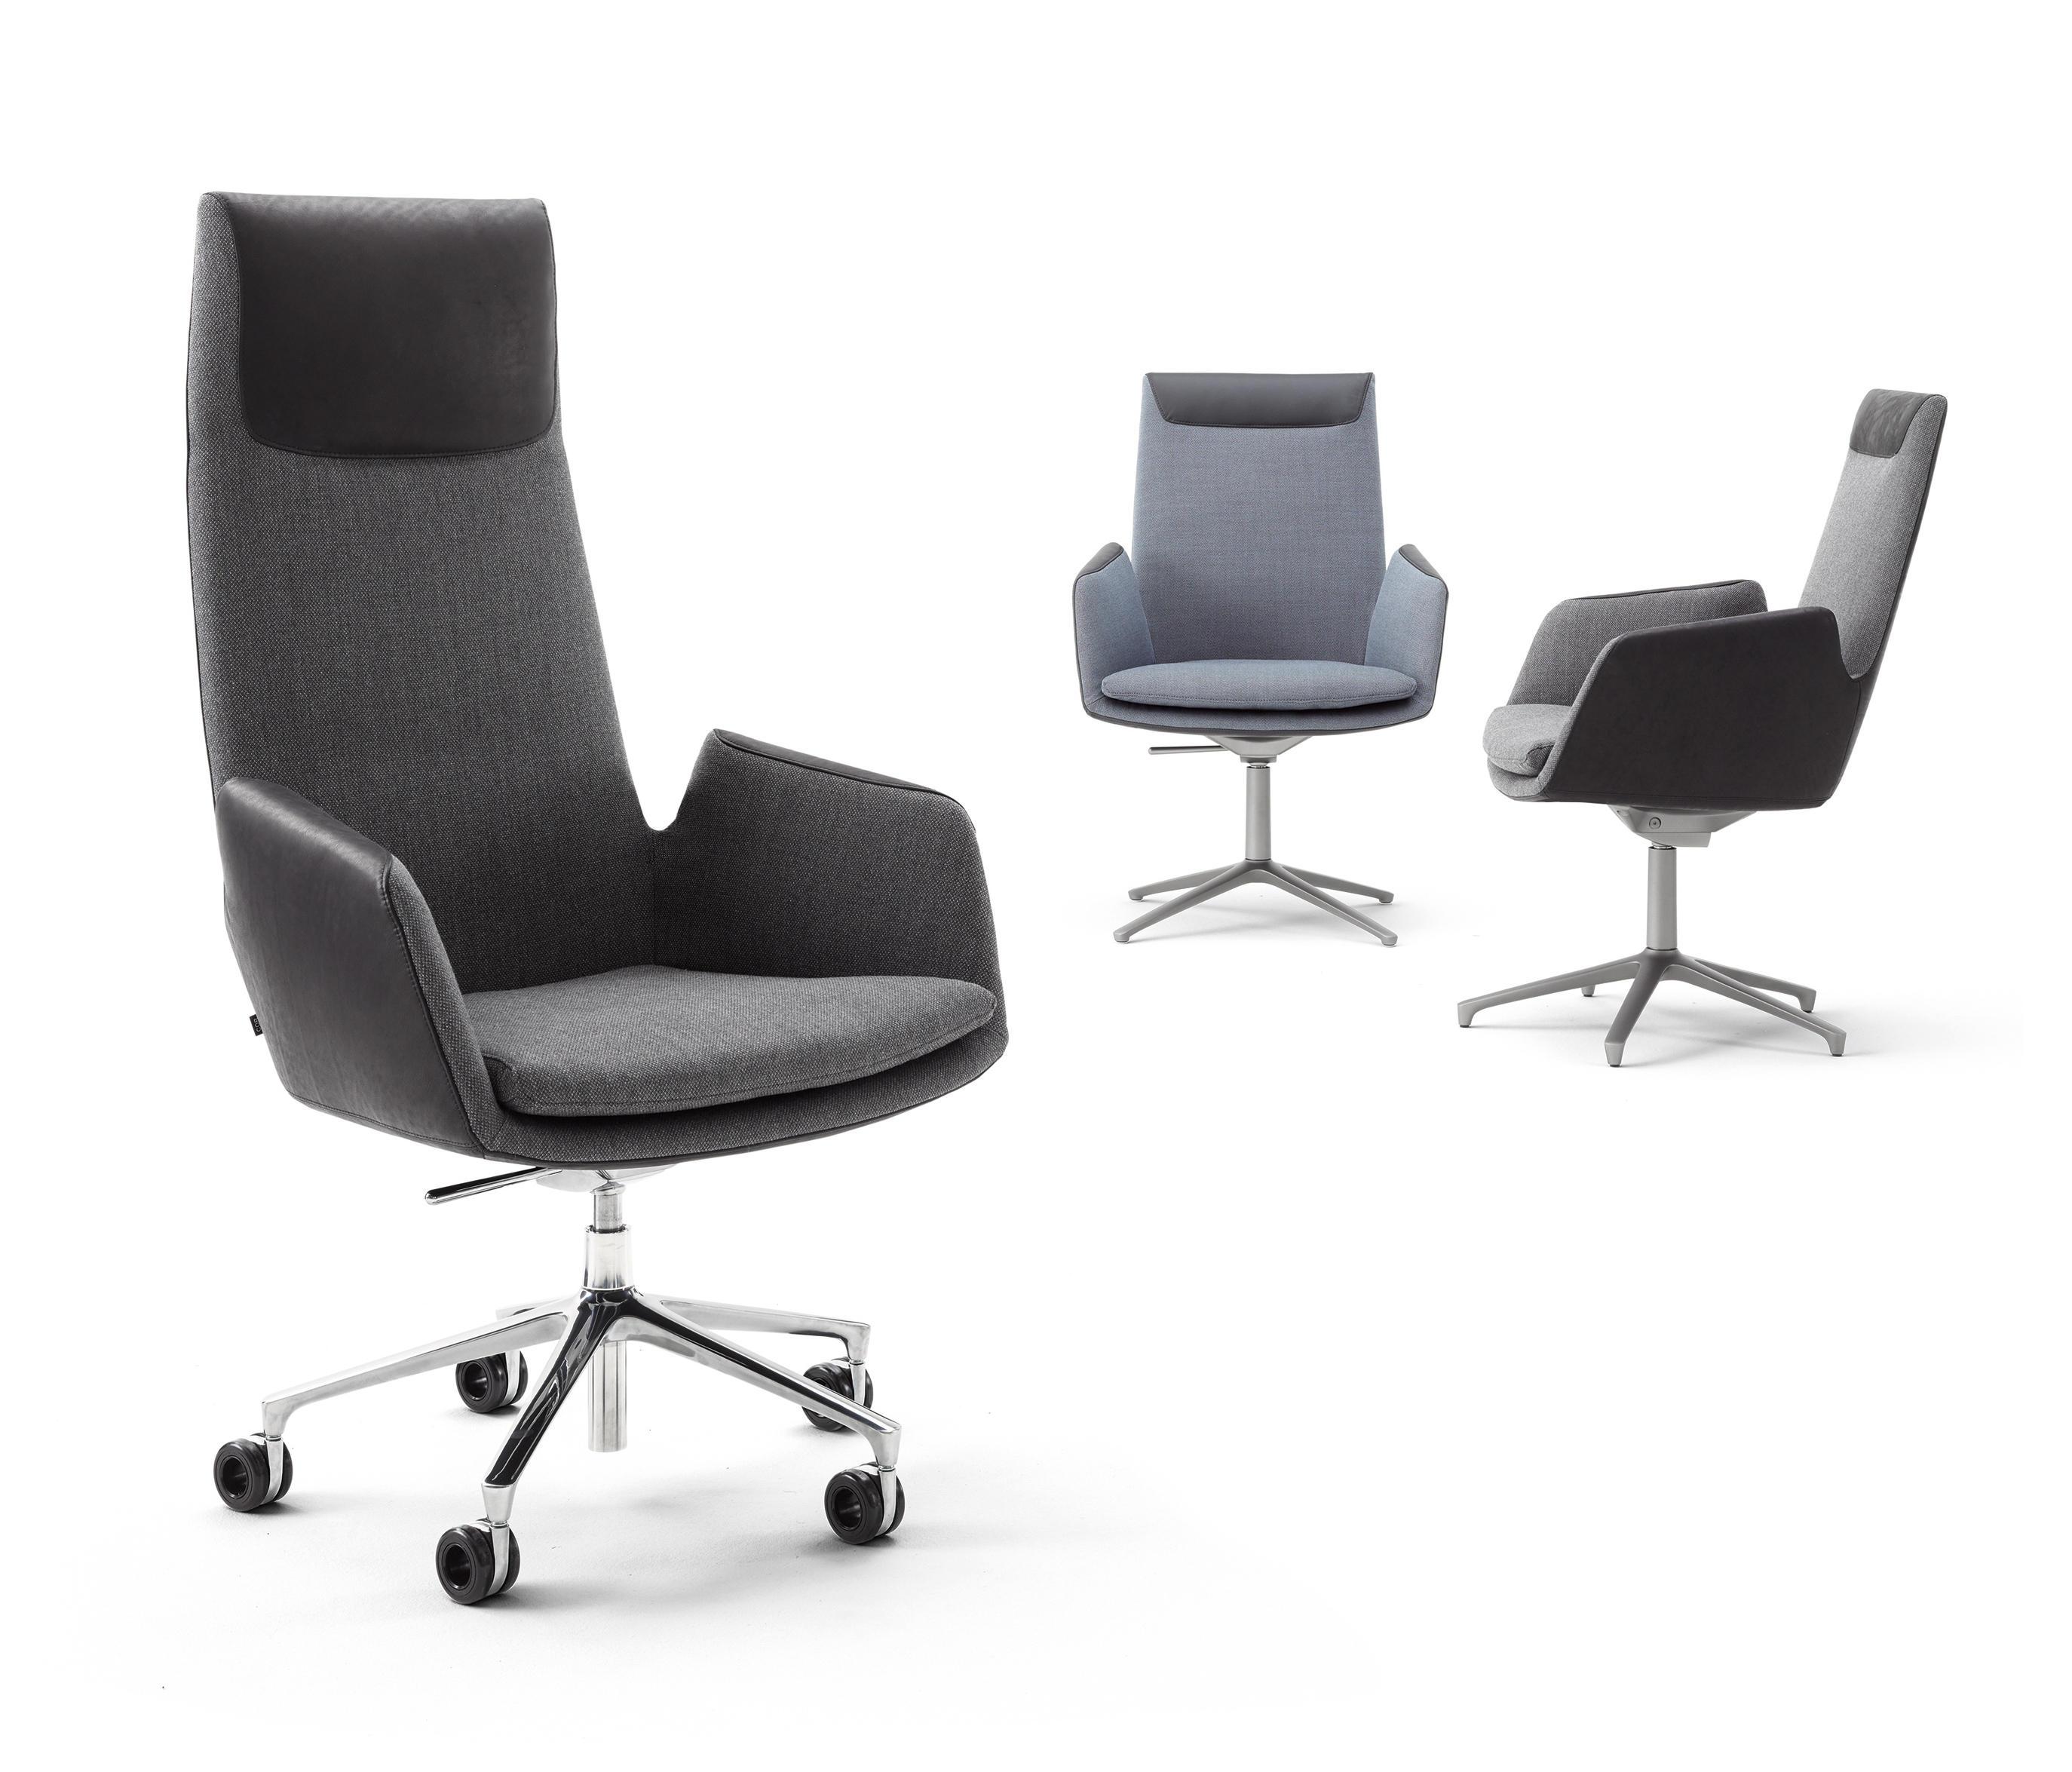 Cor Cordia Lounge Sessel Preis Conseta 2 Seater Sofa Haufig Mit